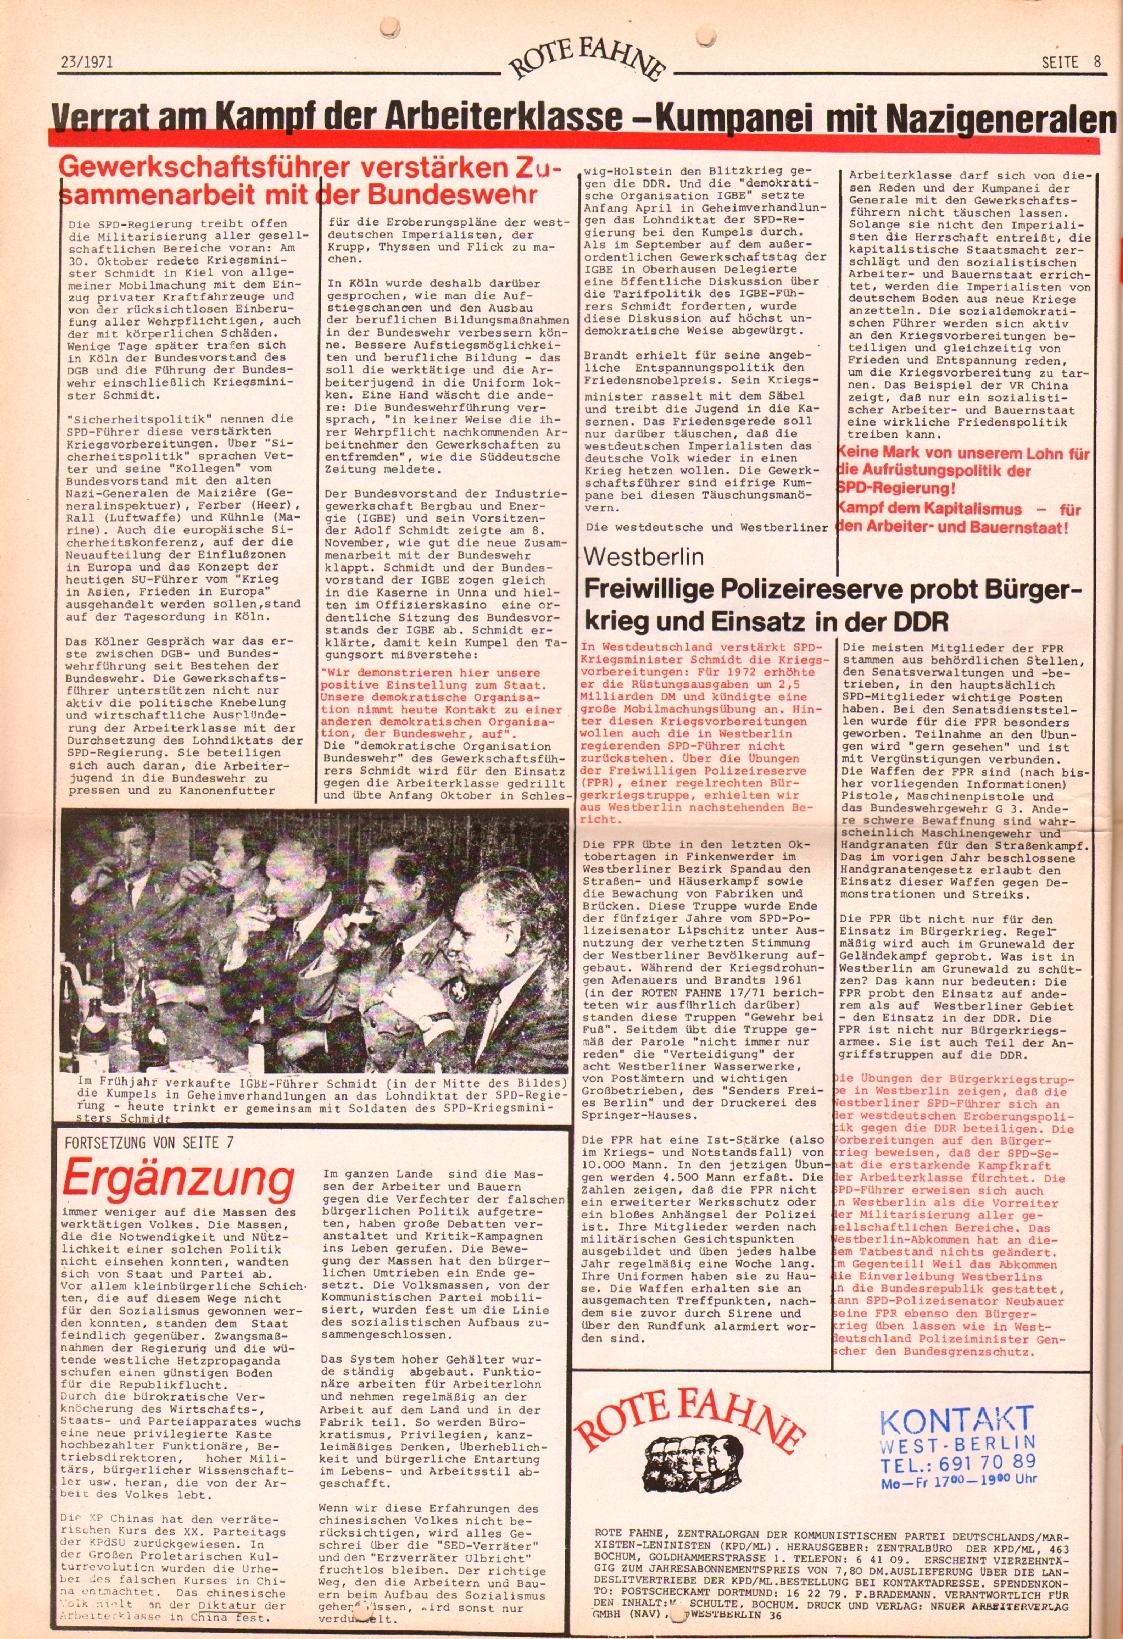 Rote Fahne, 2. Jg., 22.11.1971, Nr. 23, Seite 8